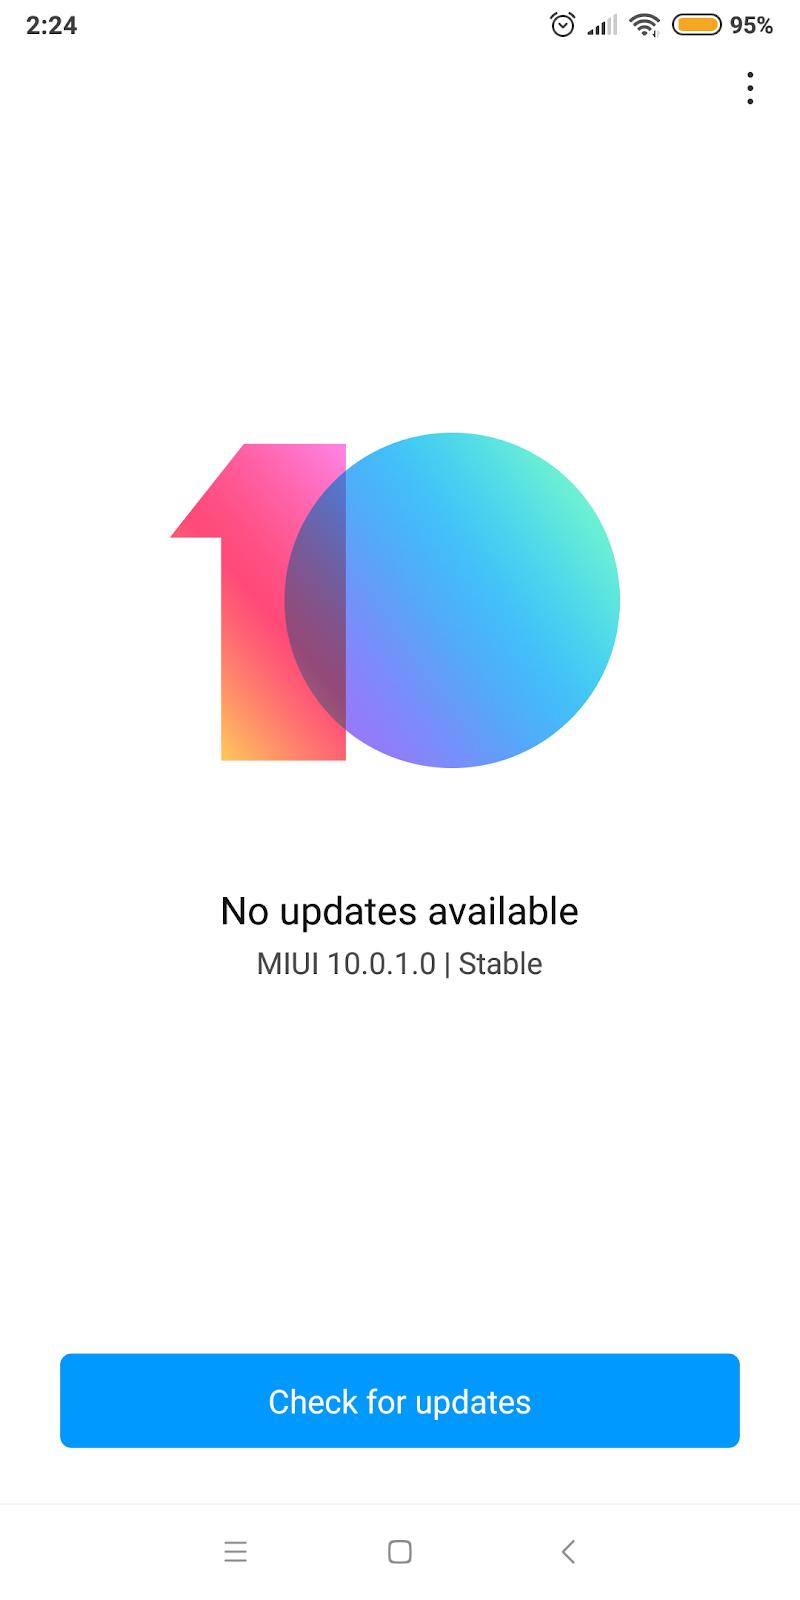 miui 10 download for redmi note 5 ai